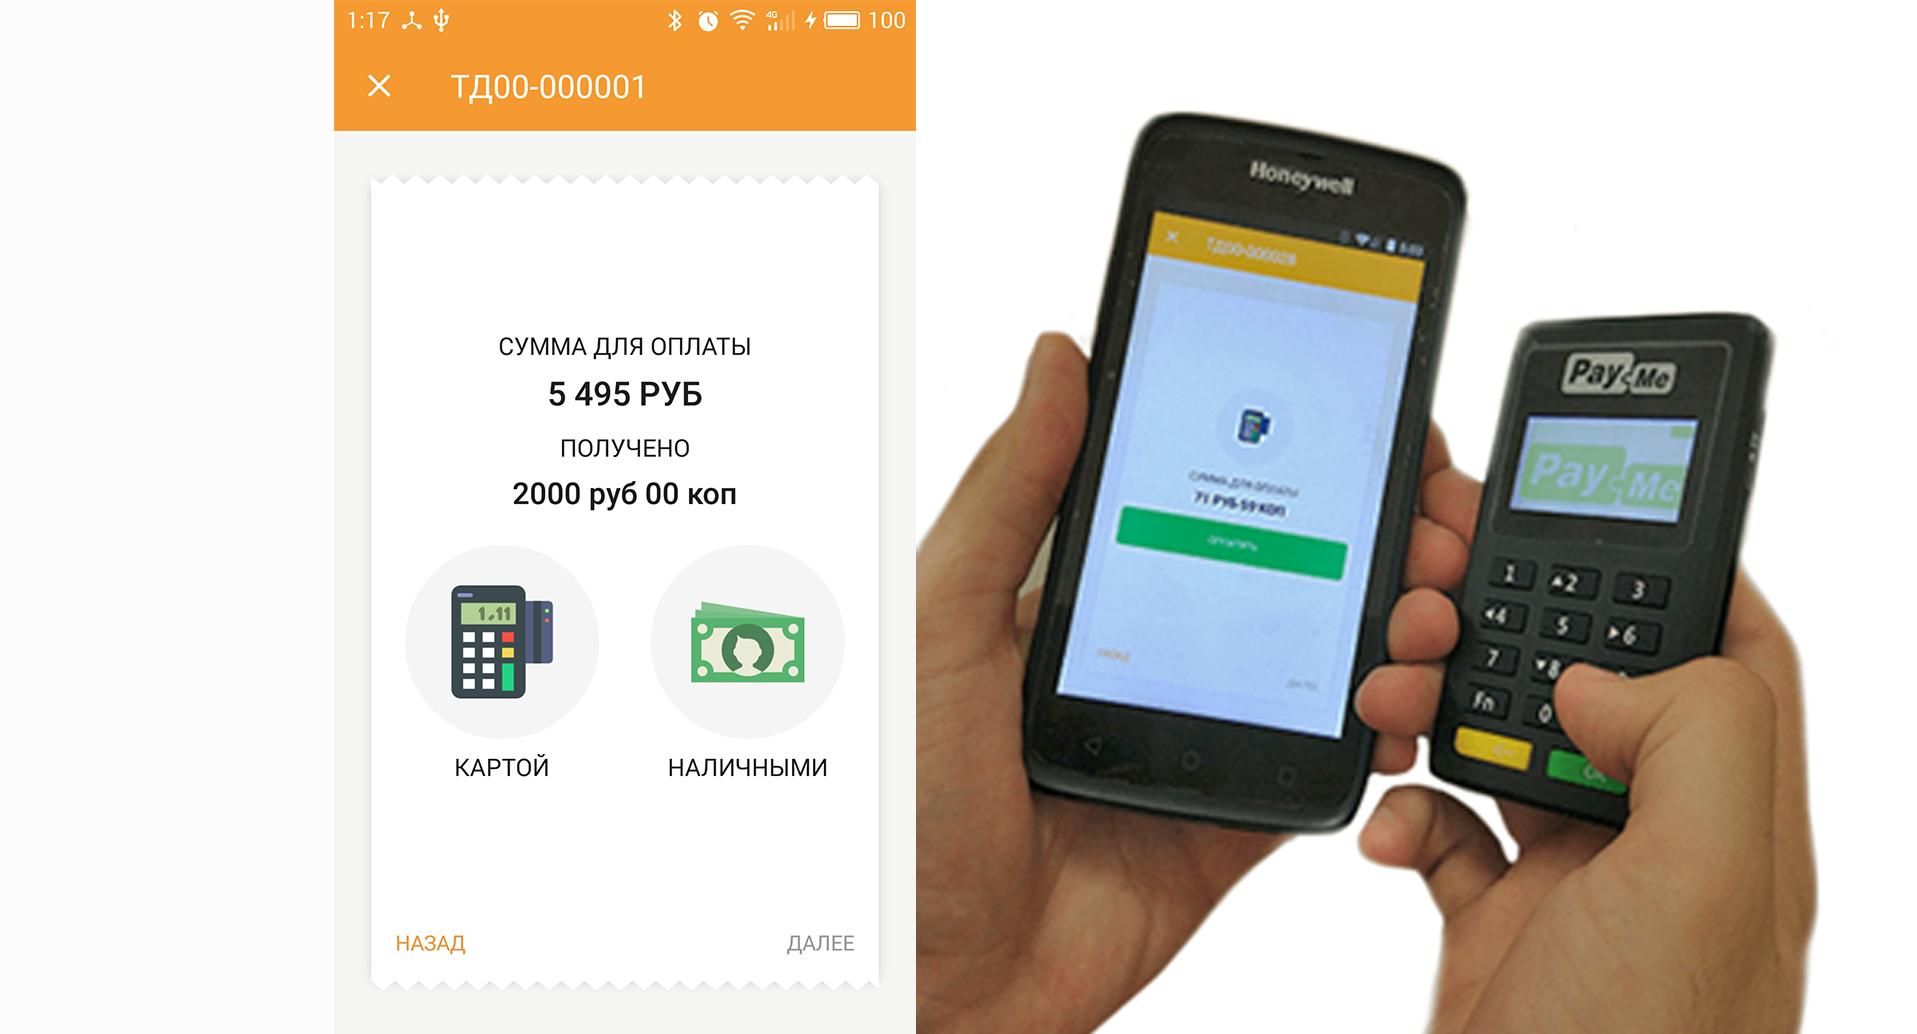 ПО «DM.Доставка» и сервис мобильного эквайринга «Pay-Me»